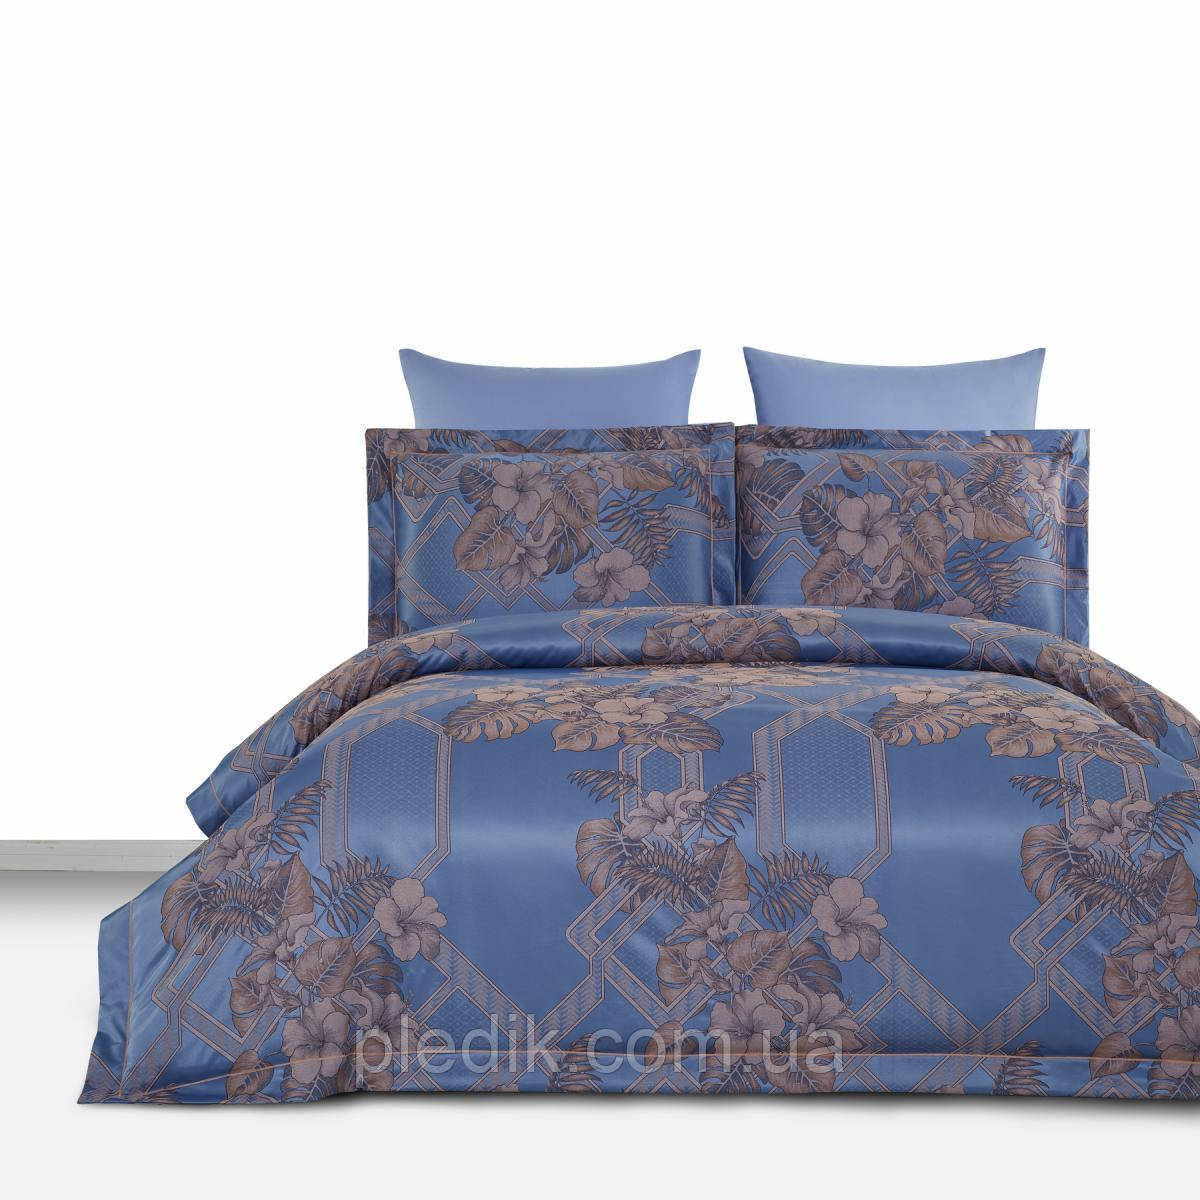 Двуспальное постельное белье 200х220 Arya Бамбук-жаккард Tencel Emili